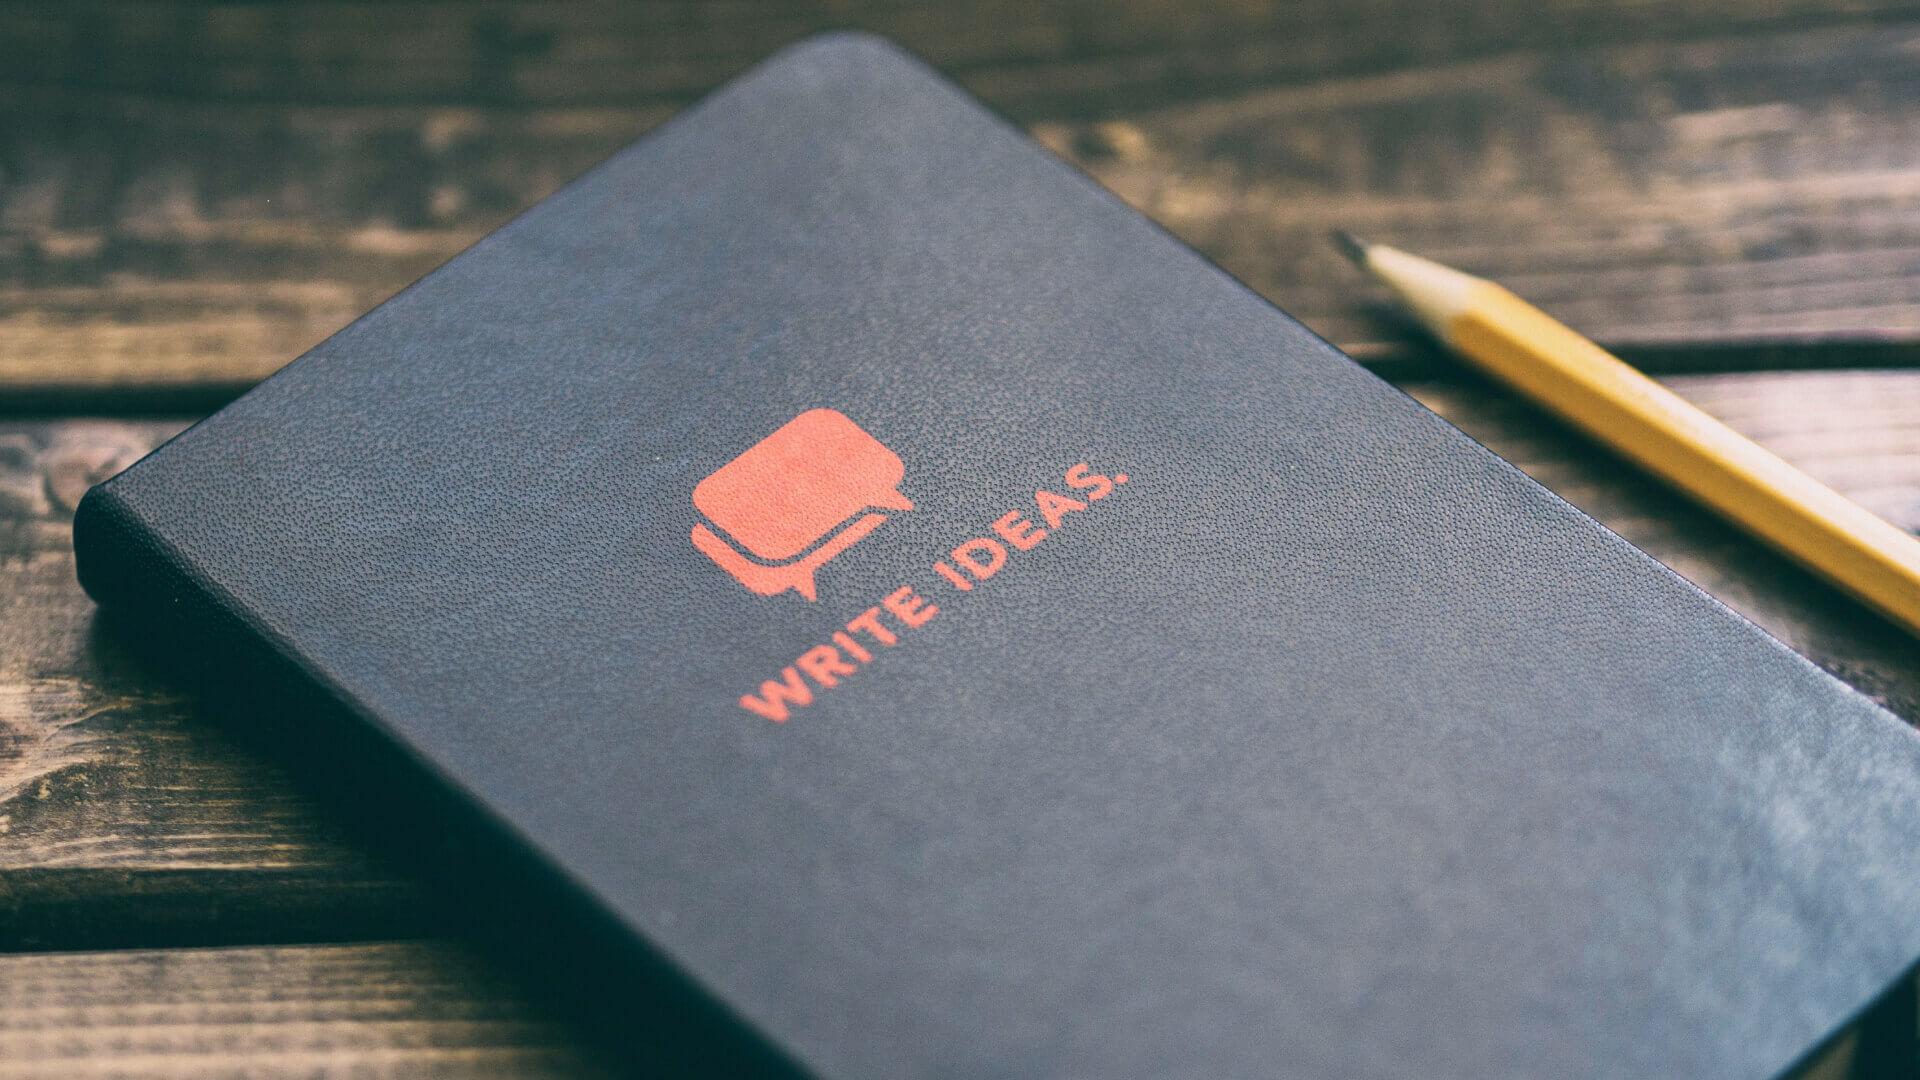 bloco de notas e lápis em cima de mesa de madeira